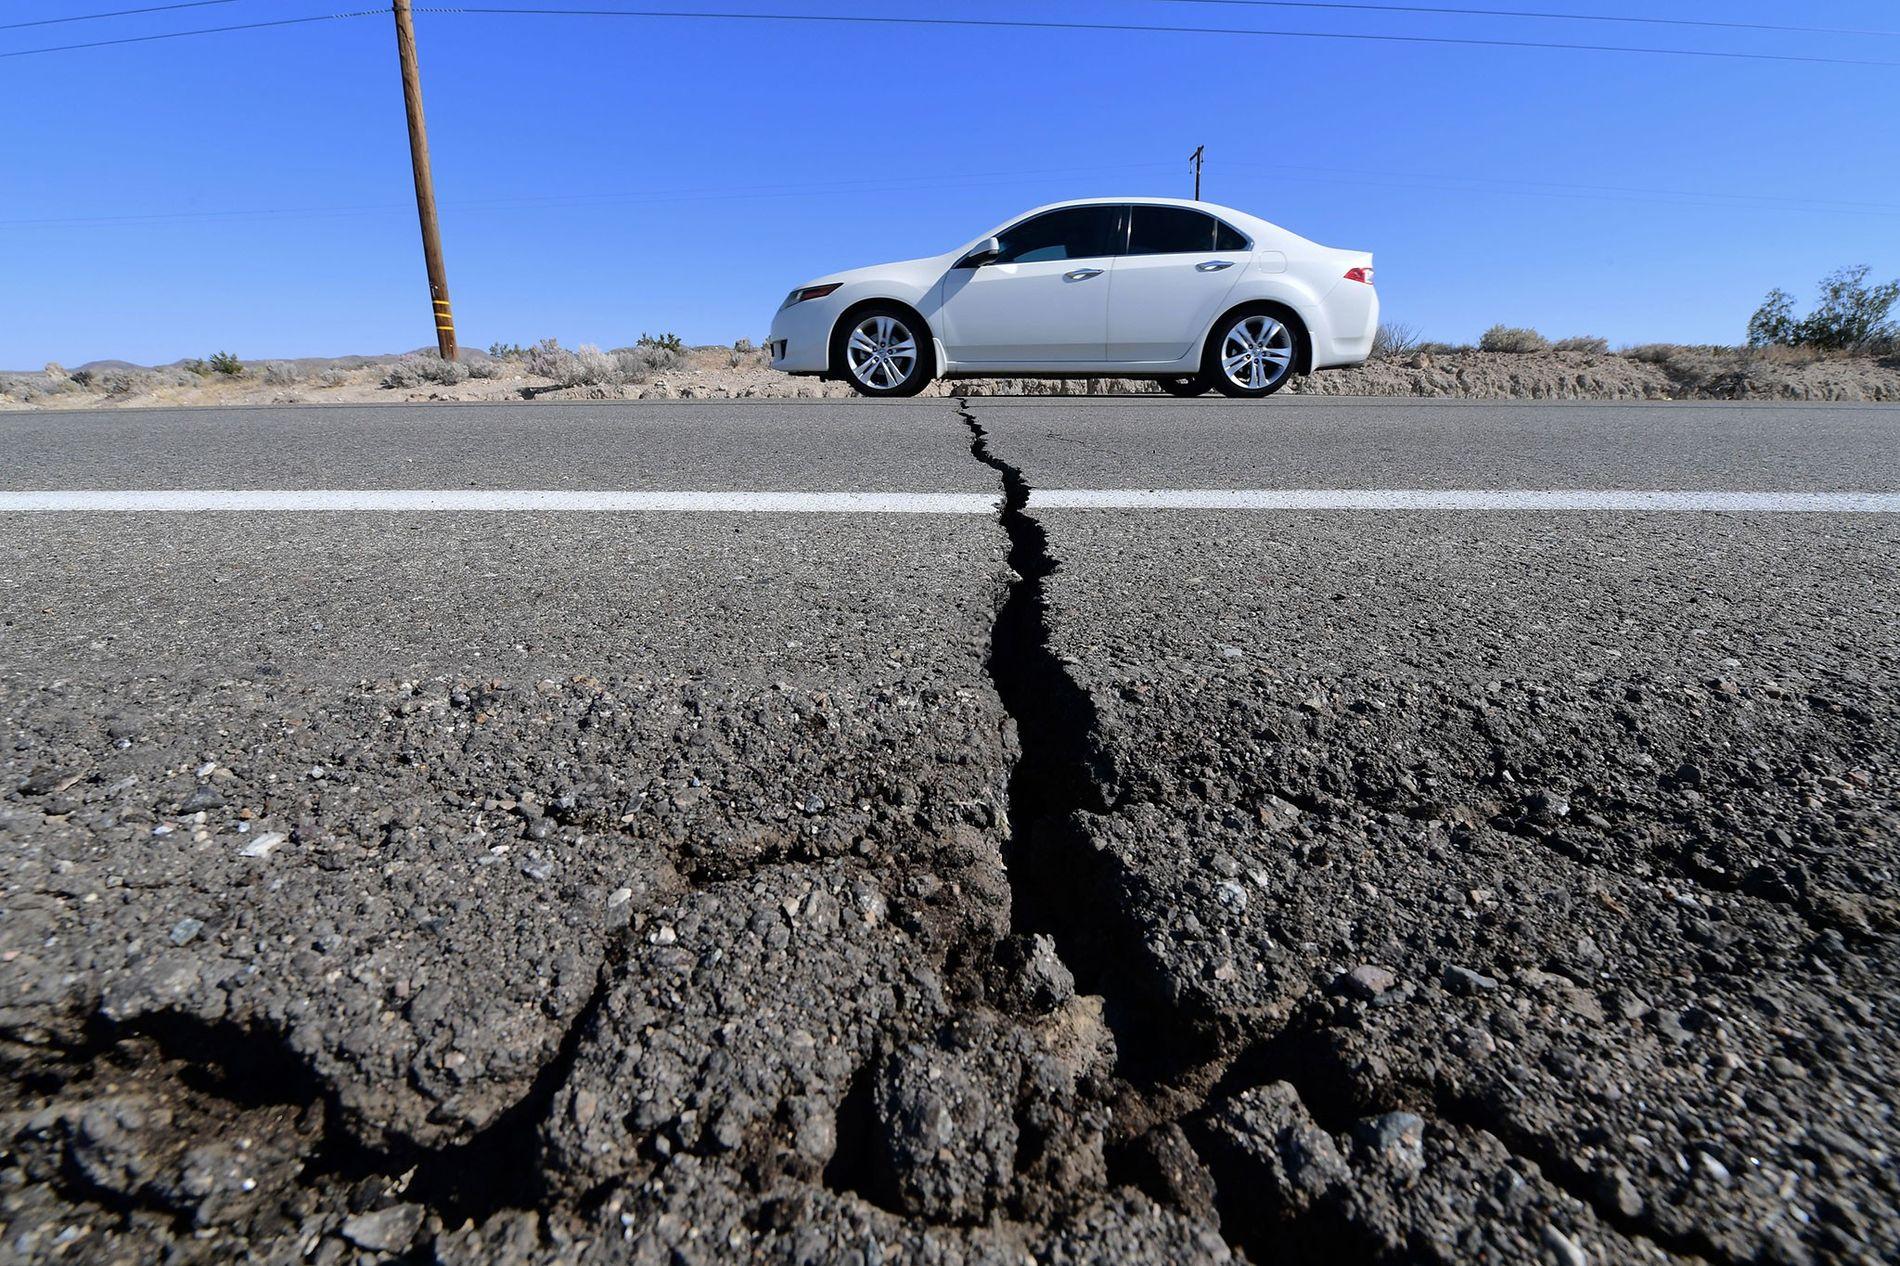 Uma rachadura na rodovia 178 apareceu depois que um terremoto de magnitude 6,4 atingiu Ridgecrest, Califórnia, em 4 de julho de 2019. Um catálogo altamente detalhado de terremotos no sul da Califórnia está ajudando os geólogos a resolverem um mistério de longa data sobre a sequência de eventos que precede um terremoto.